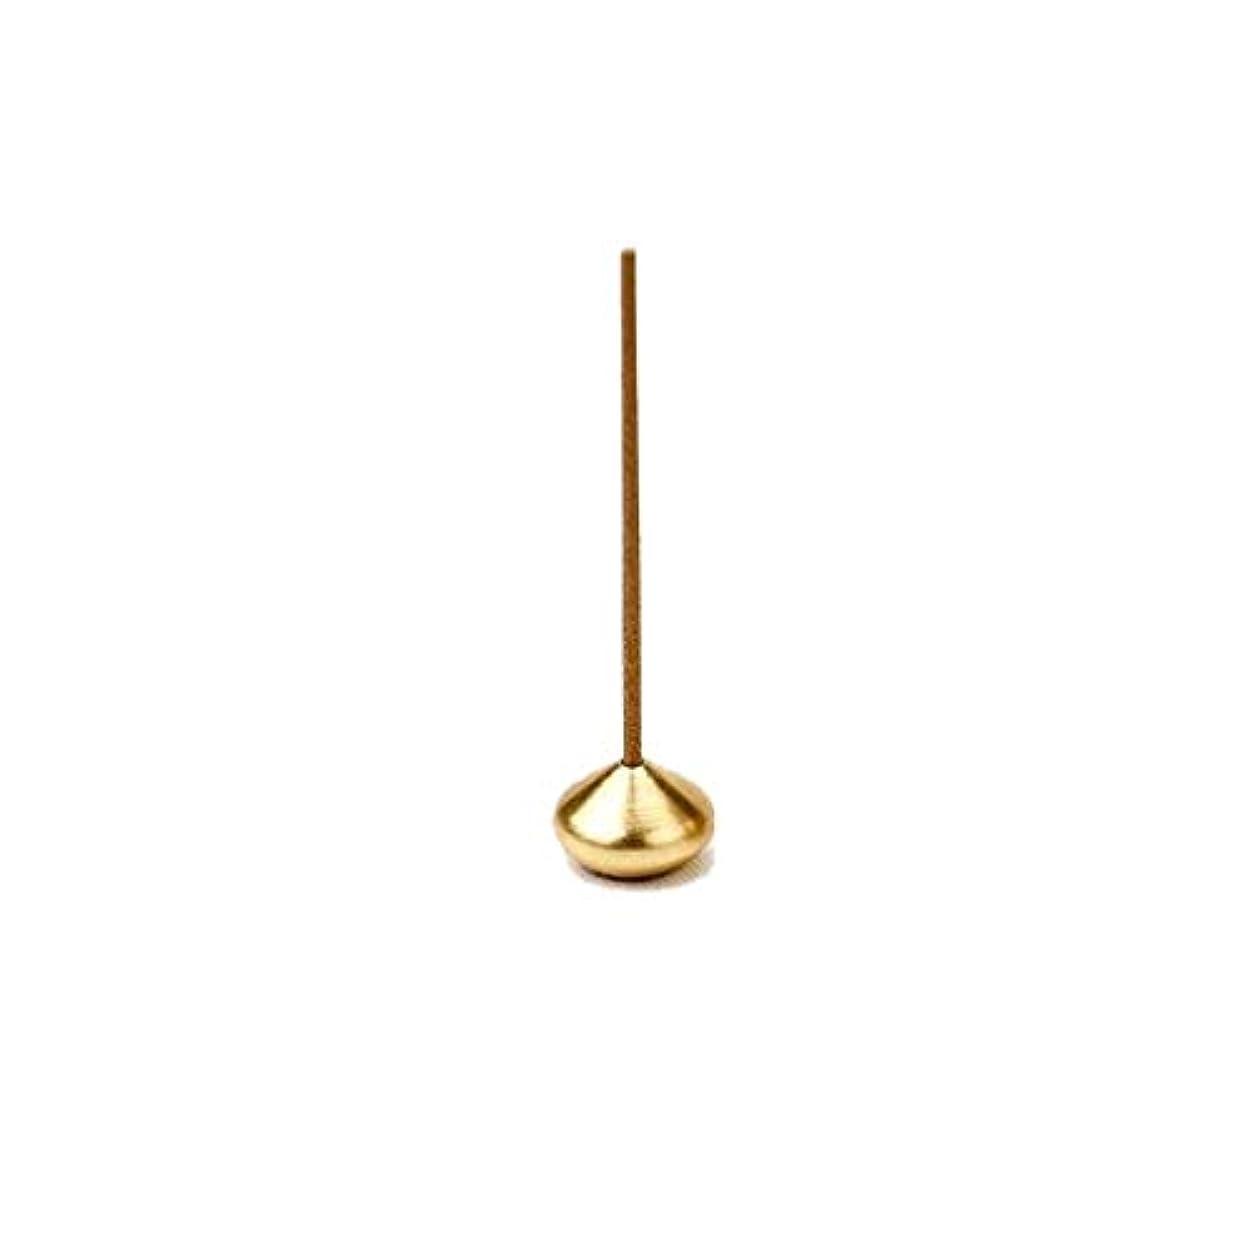 有望一定意志に反する銅香炉ラウンドひょうたん型香スティックコイルボトルバーナーホルダー多孔性香ホルダーホームフレグランス (Color : B)